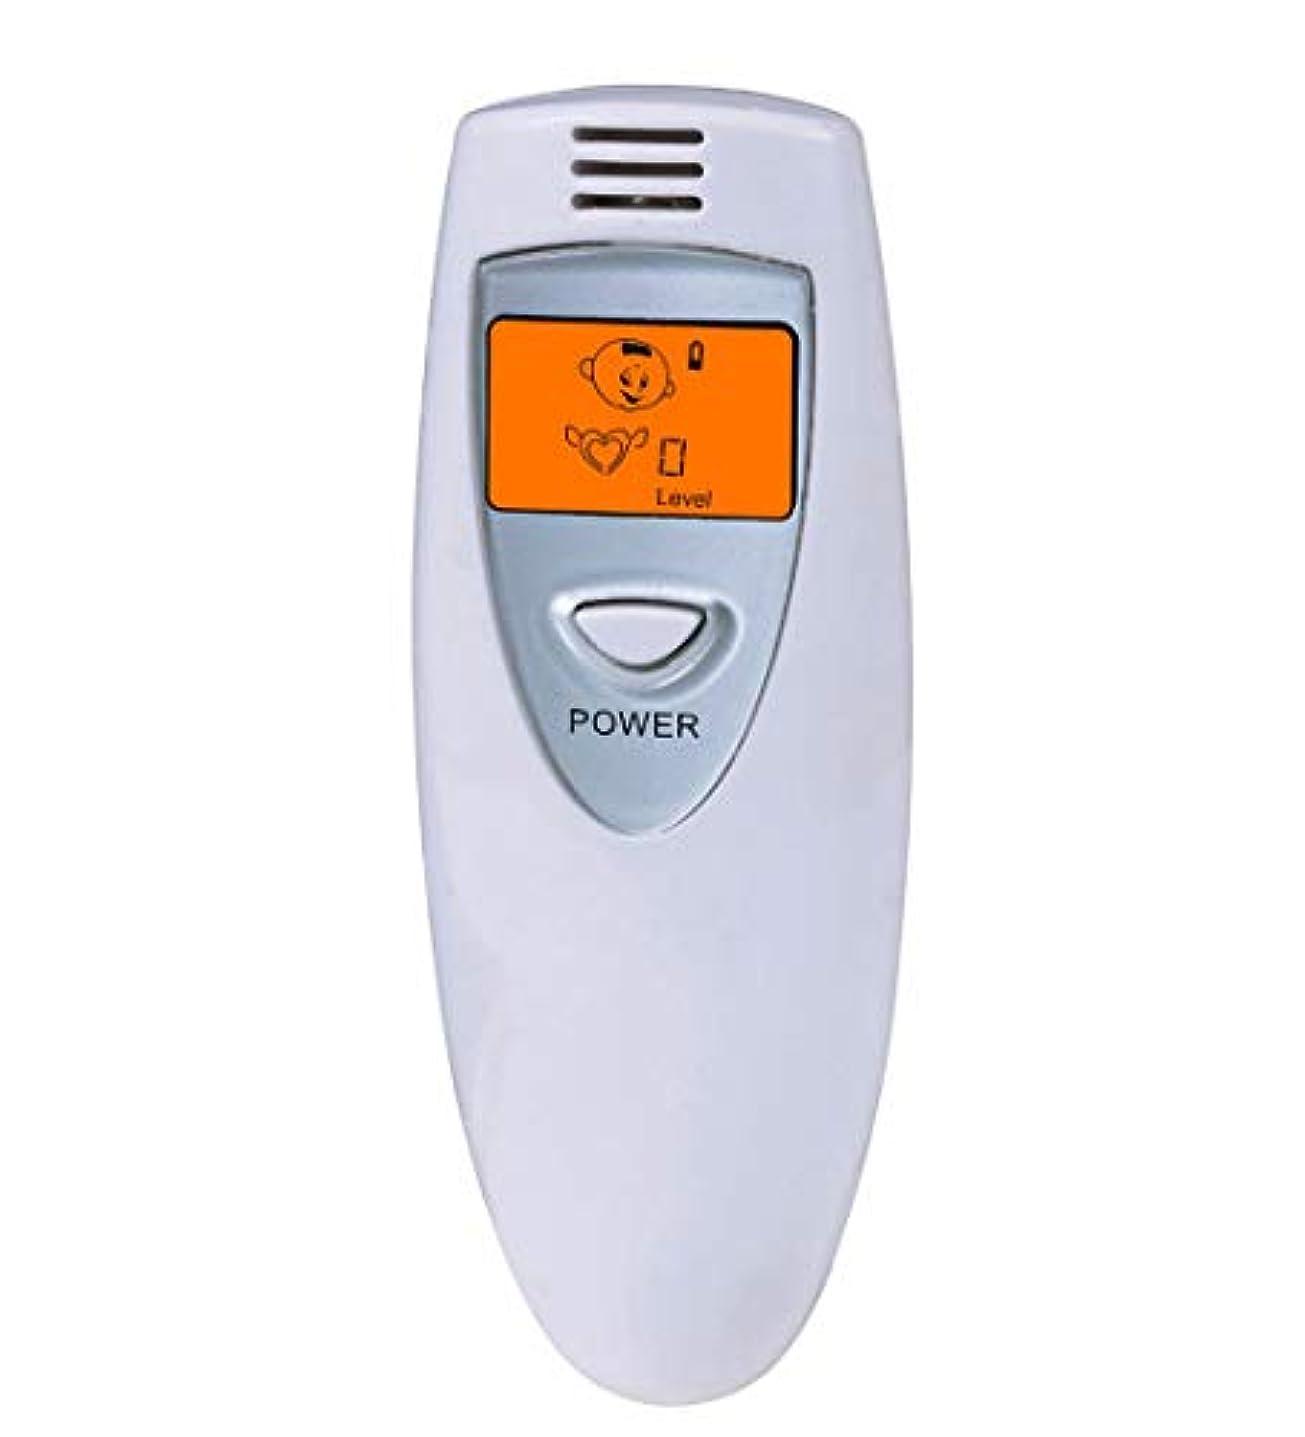 ビジターアクセサリー効果的に【瞬時測定】 携帯ブレスチェッカー デジタル口臭チェッカー 5段階レベル表示 コンパークト口臭予防検査器 大人子供エチケット (Grey)